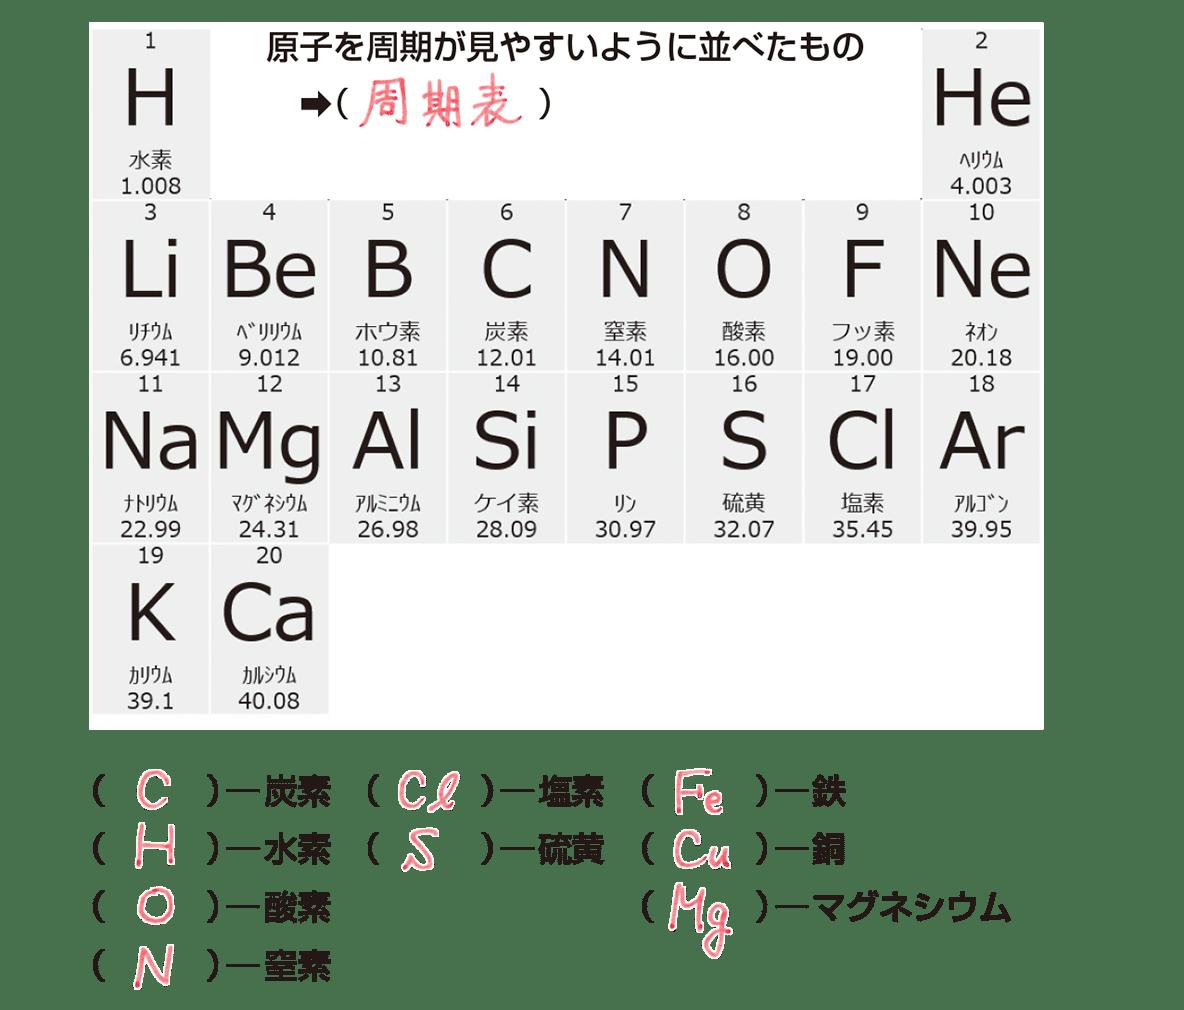 中2 理科化学4 ポイント2、空欄あり